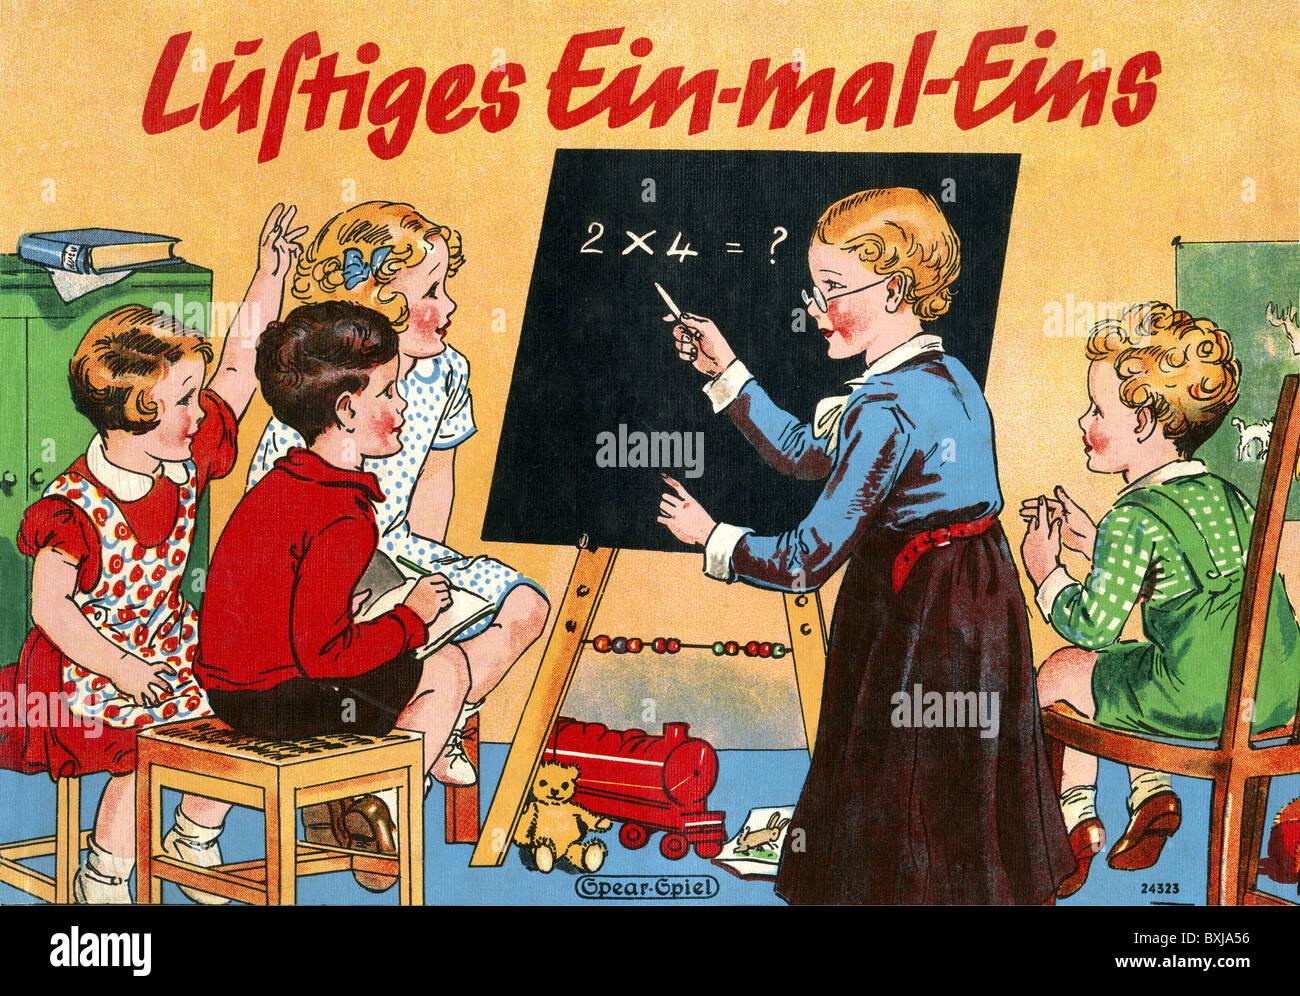 """Jeu, jeux de société, """"Mal Ein Lustiges Eins' (table de multiplication drôle), Allemagne, Photo Stock"""